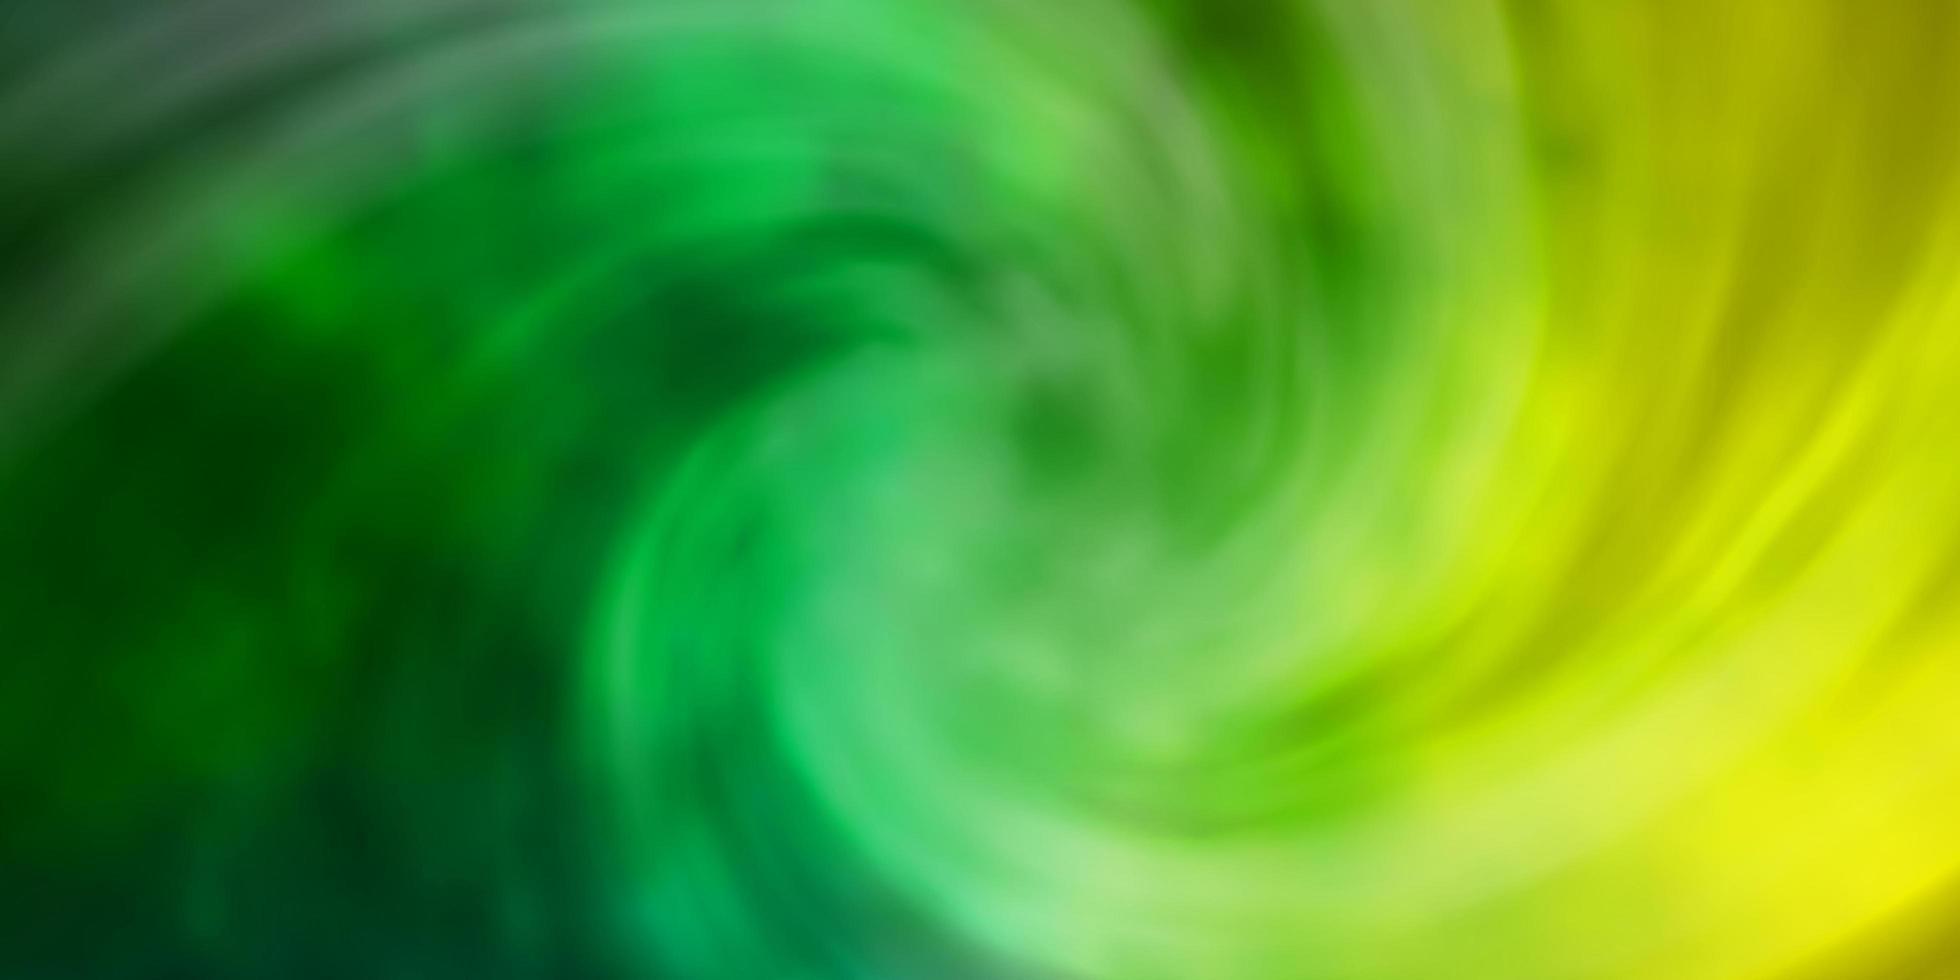 modèle vert clair, jaune avec ciel, nuages. vecteur